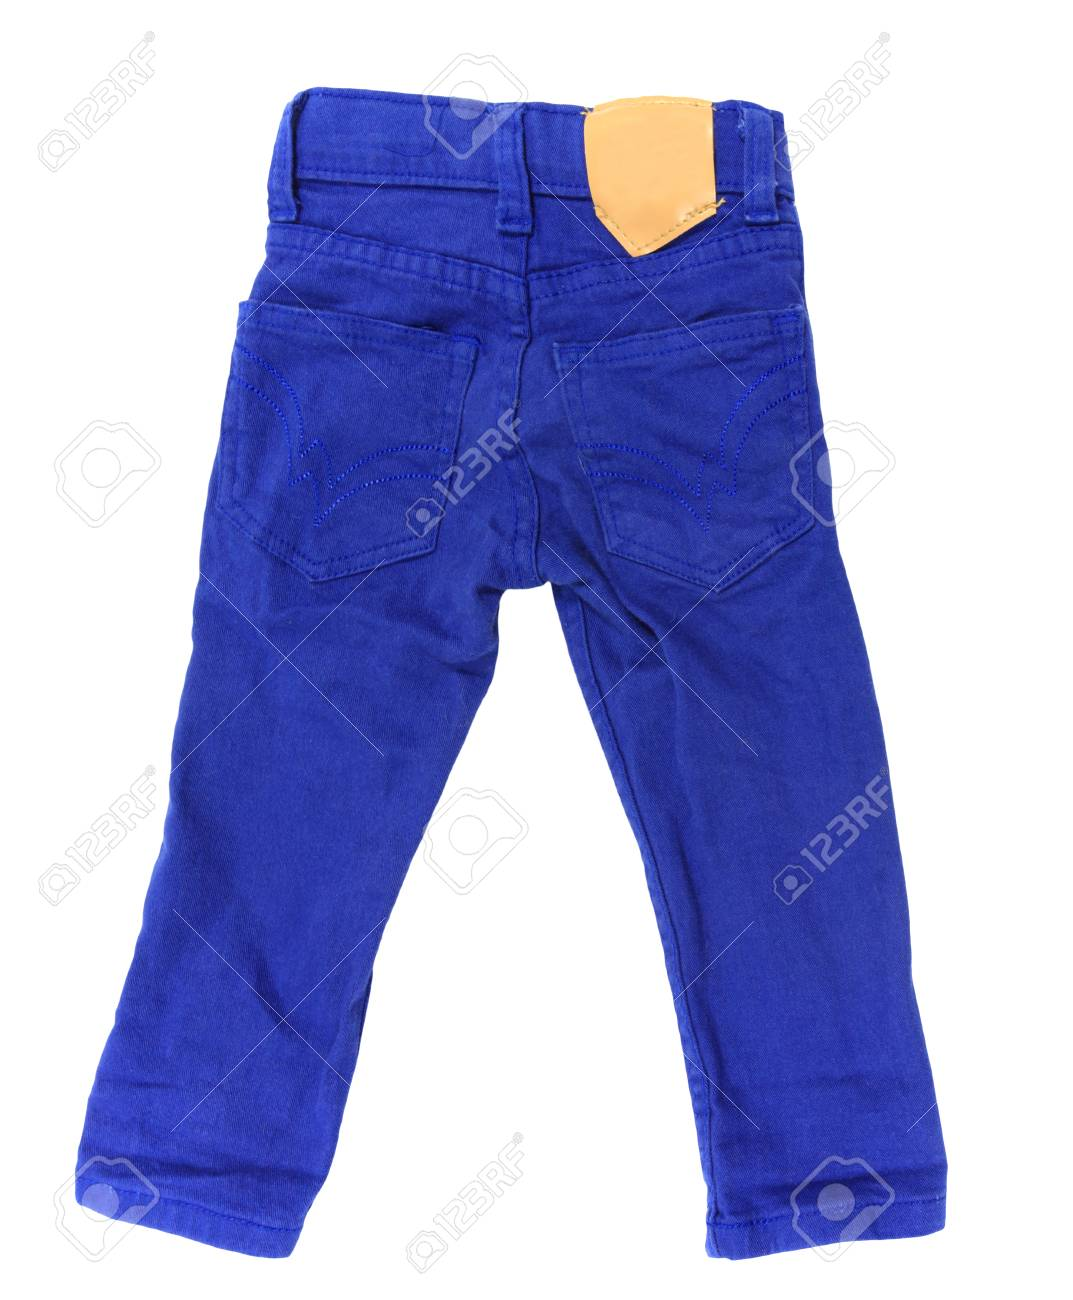 mejor sitio web 384a2 abccc Pantalones vaqueros azul del niño con etiqueta en blanco aislado más de  fondo blanco (Niños